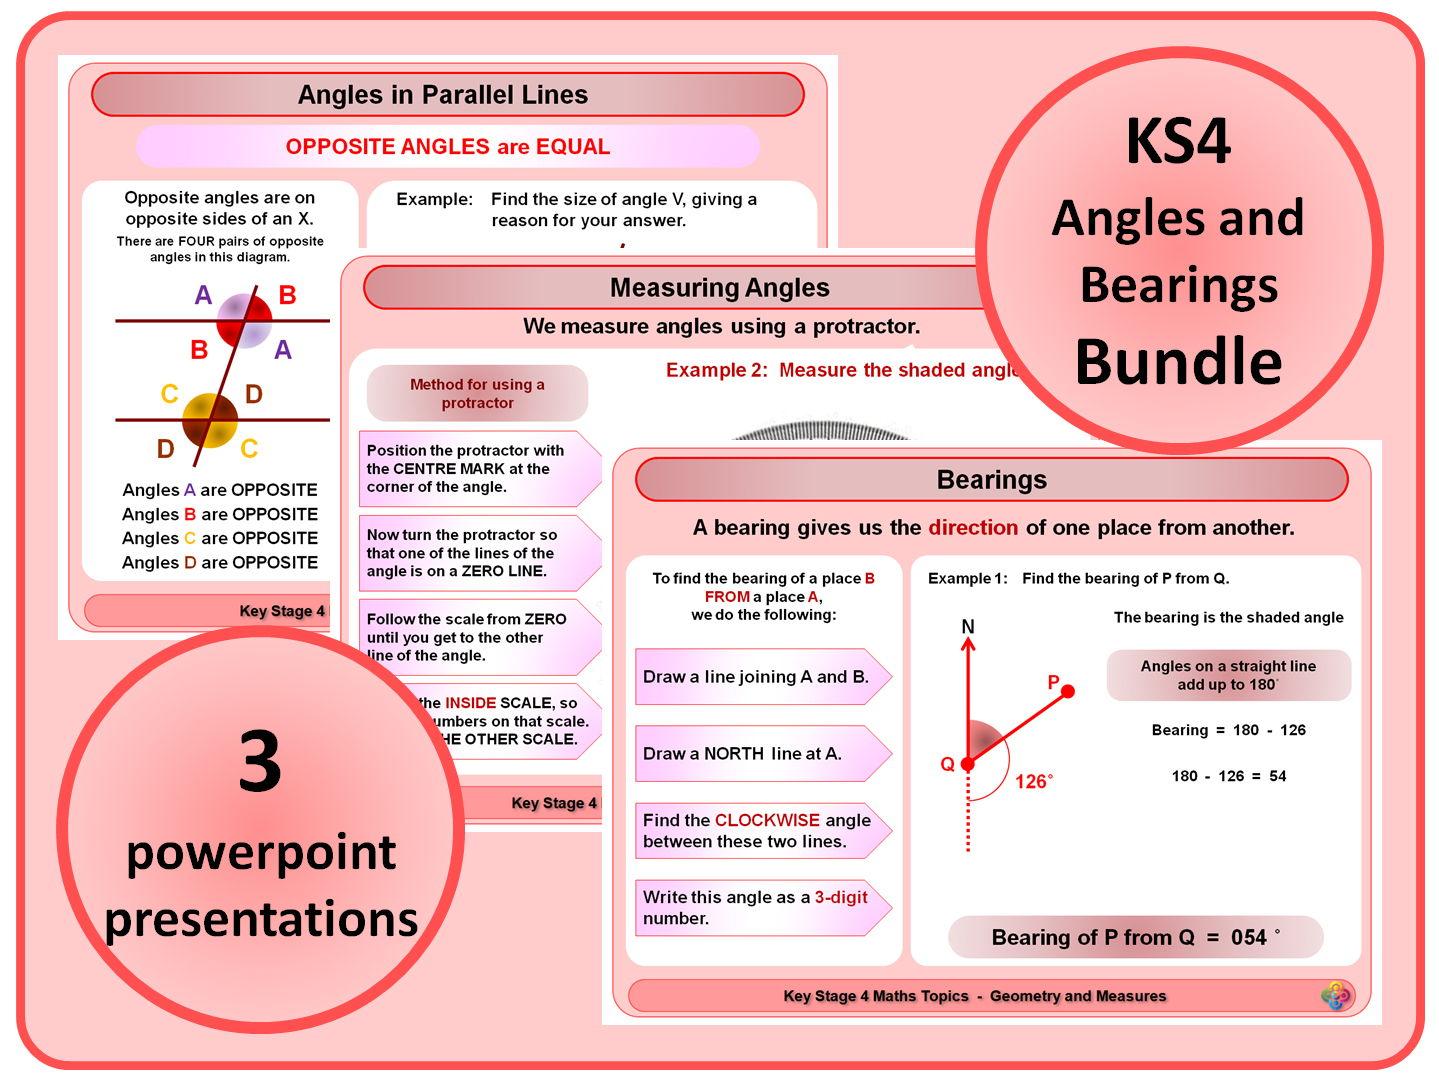 KS4 Angles and Bearings BUNDLE